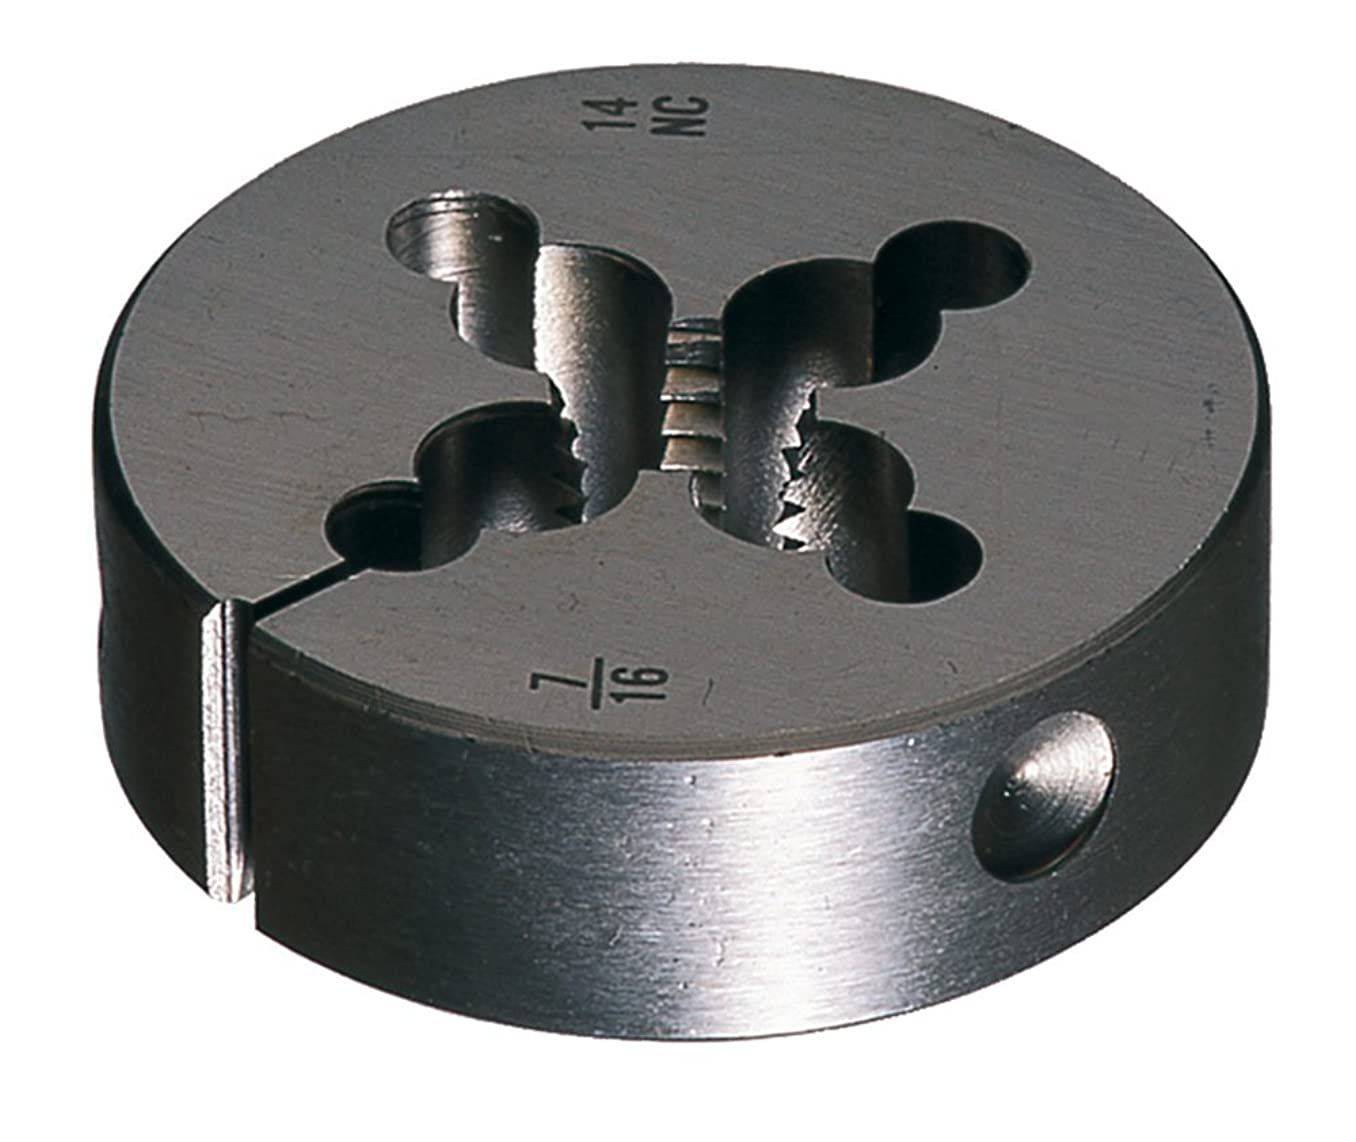 Cle-Line C65140 Carbon Steel Round Adjustable Die, 1/4-20 UNC